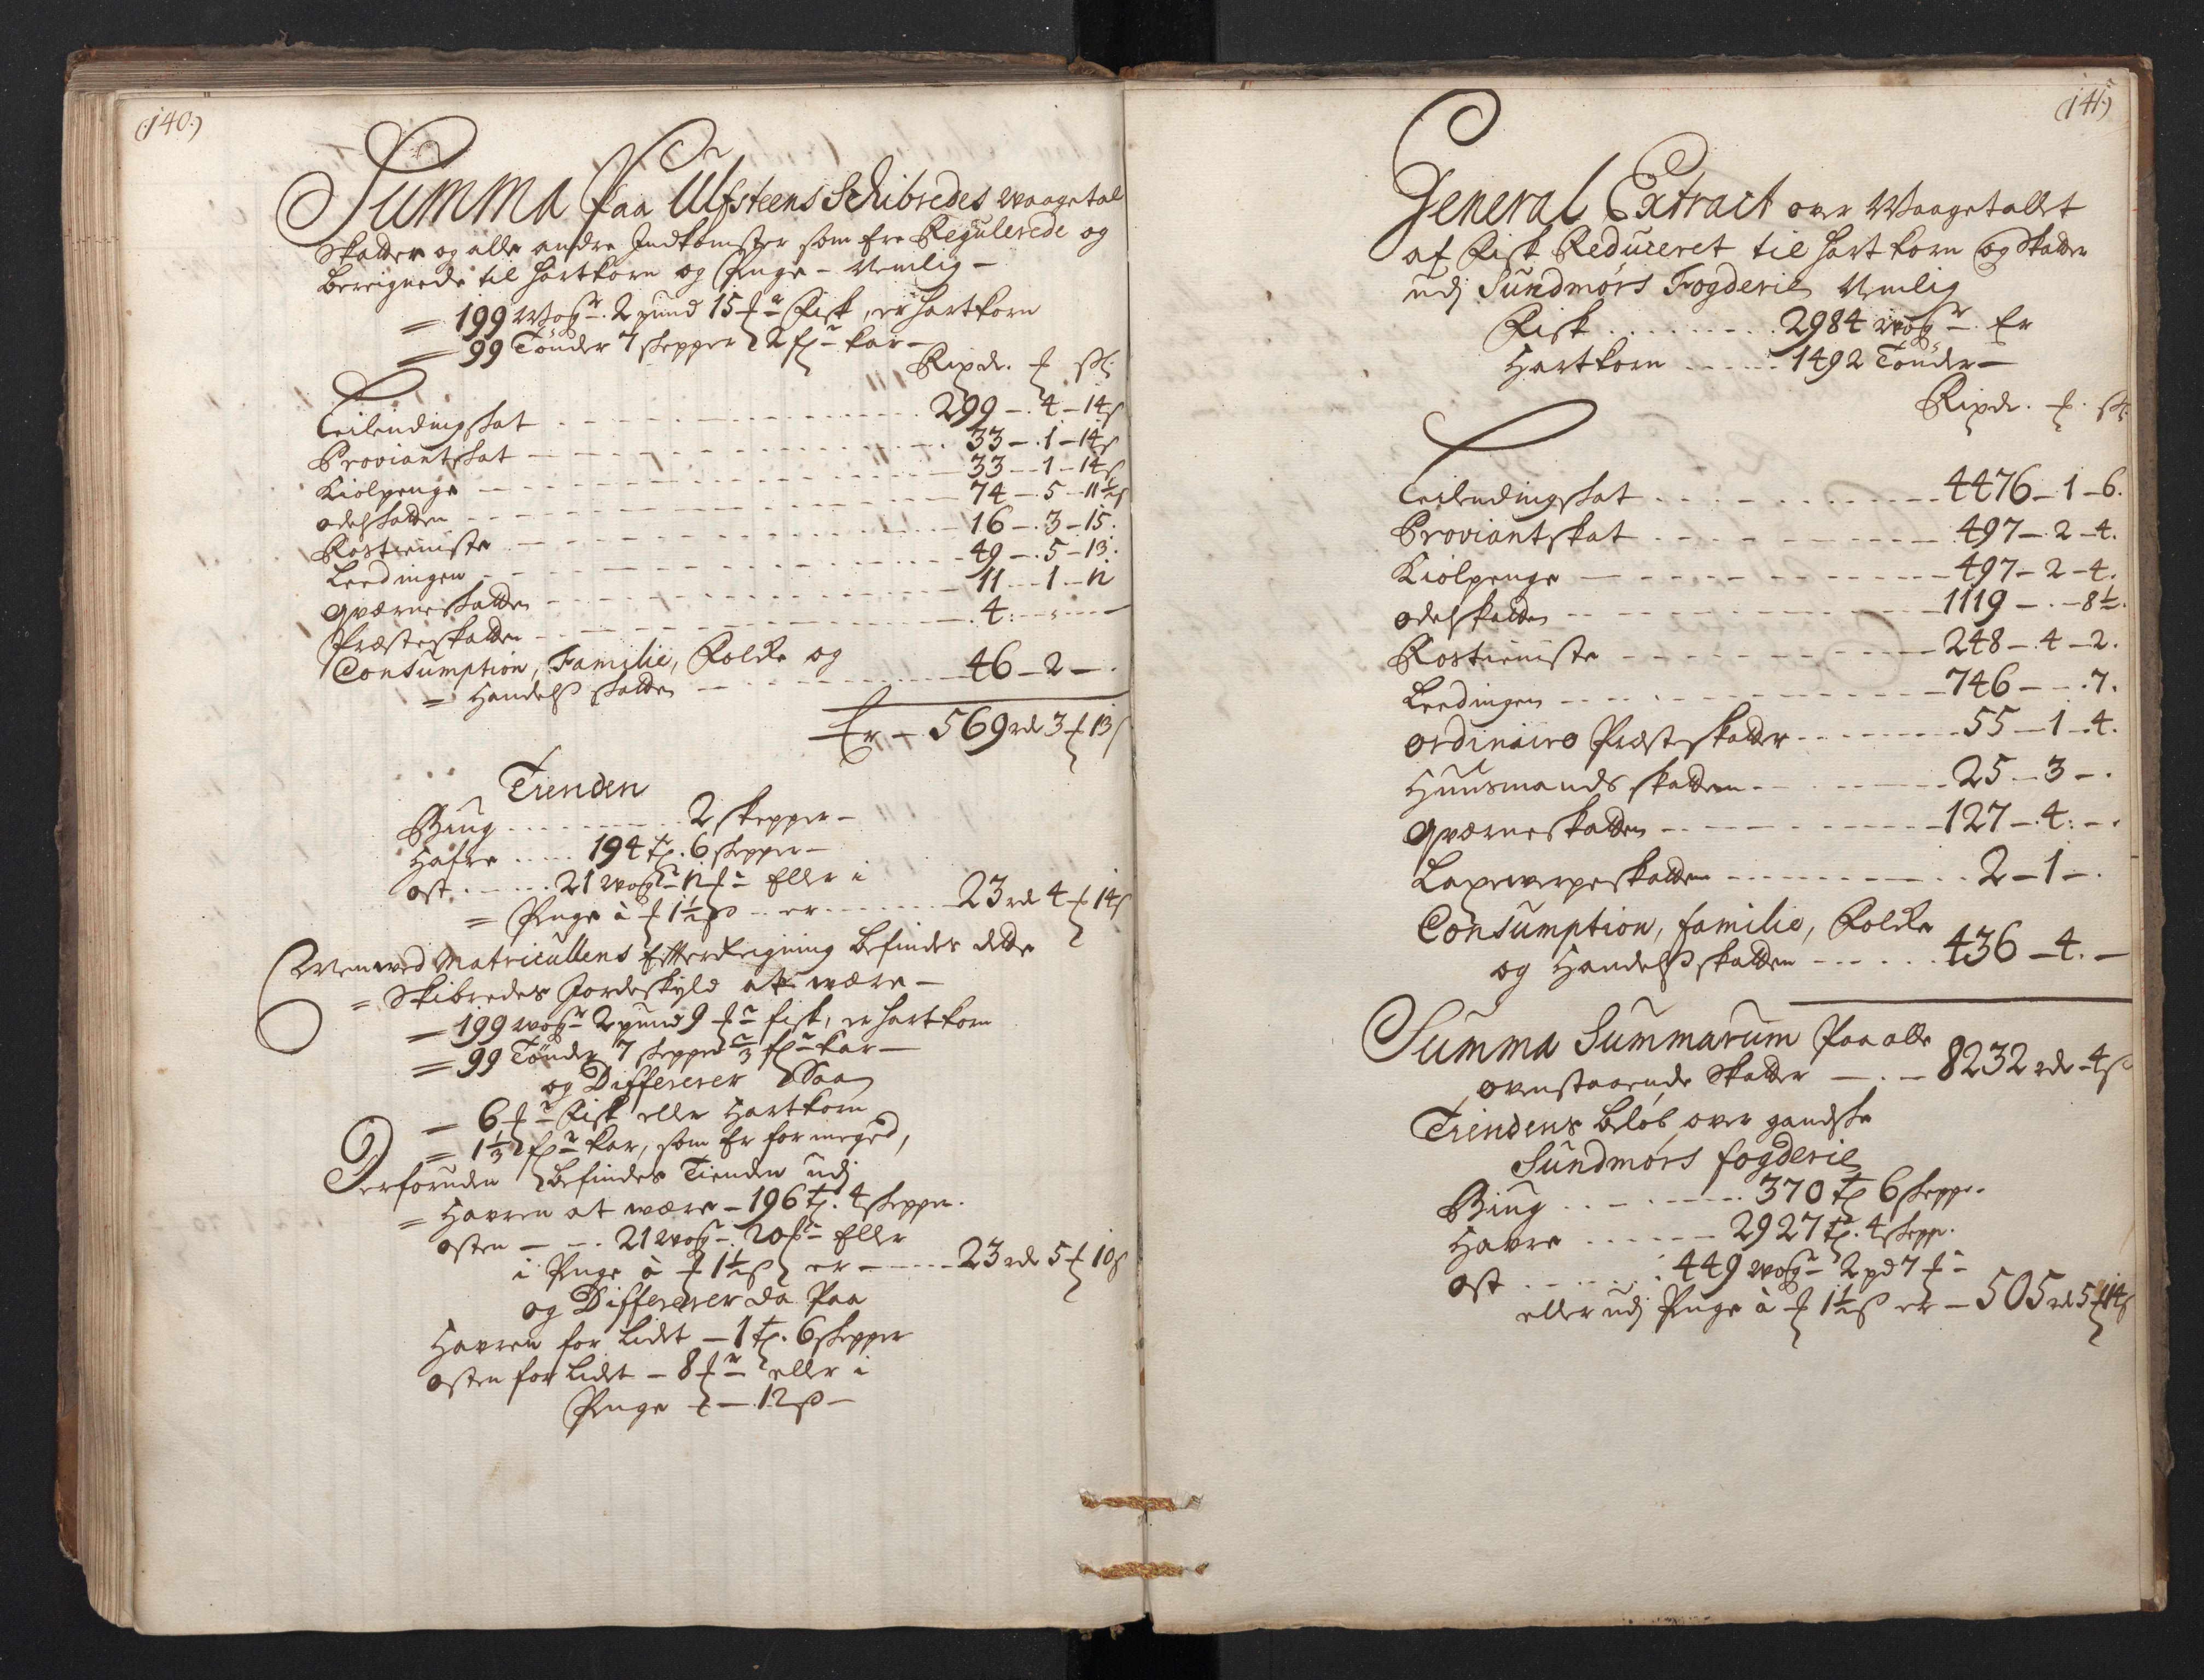 RA, Rentekammeret inntil 1814, Realistisk ordnet avdeling, N/Nb/Nbf/L0149: Sunnmøre, prøvematrikkel, 1714, s. 140-141